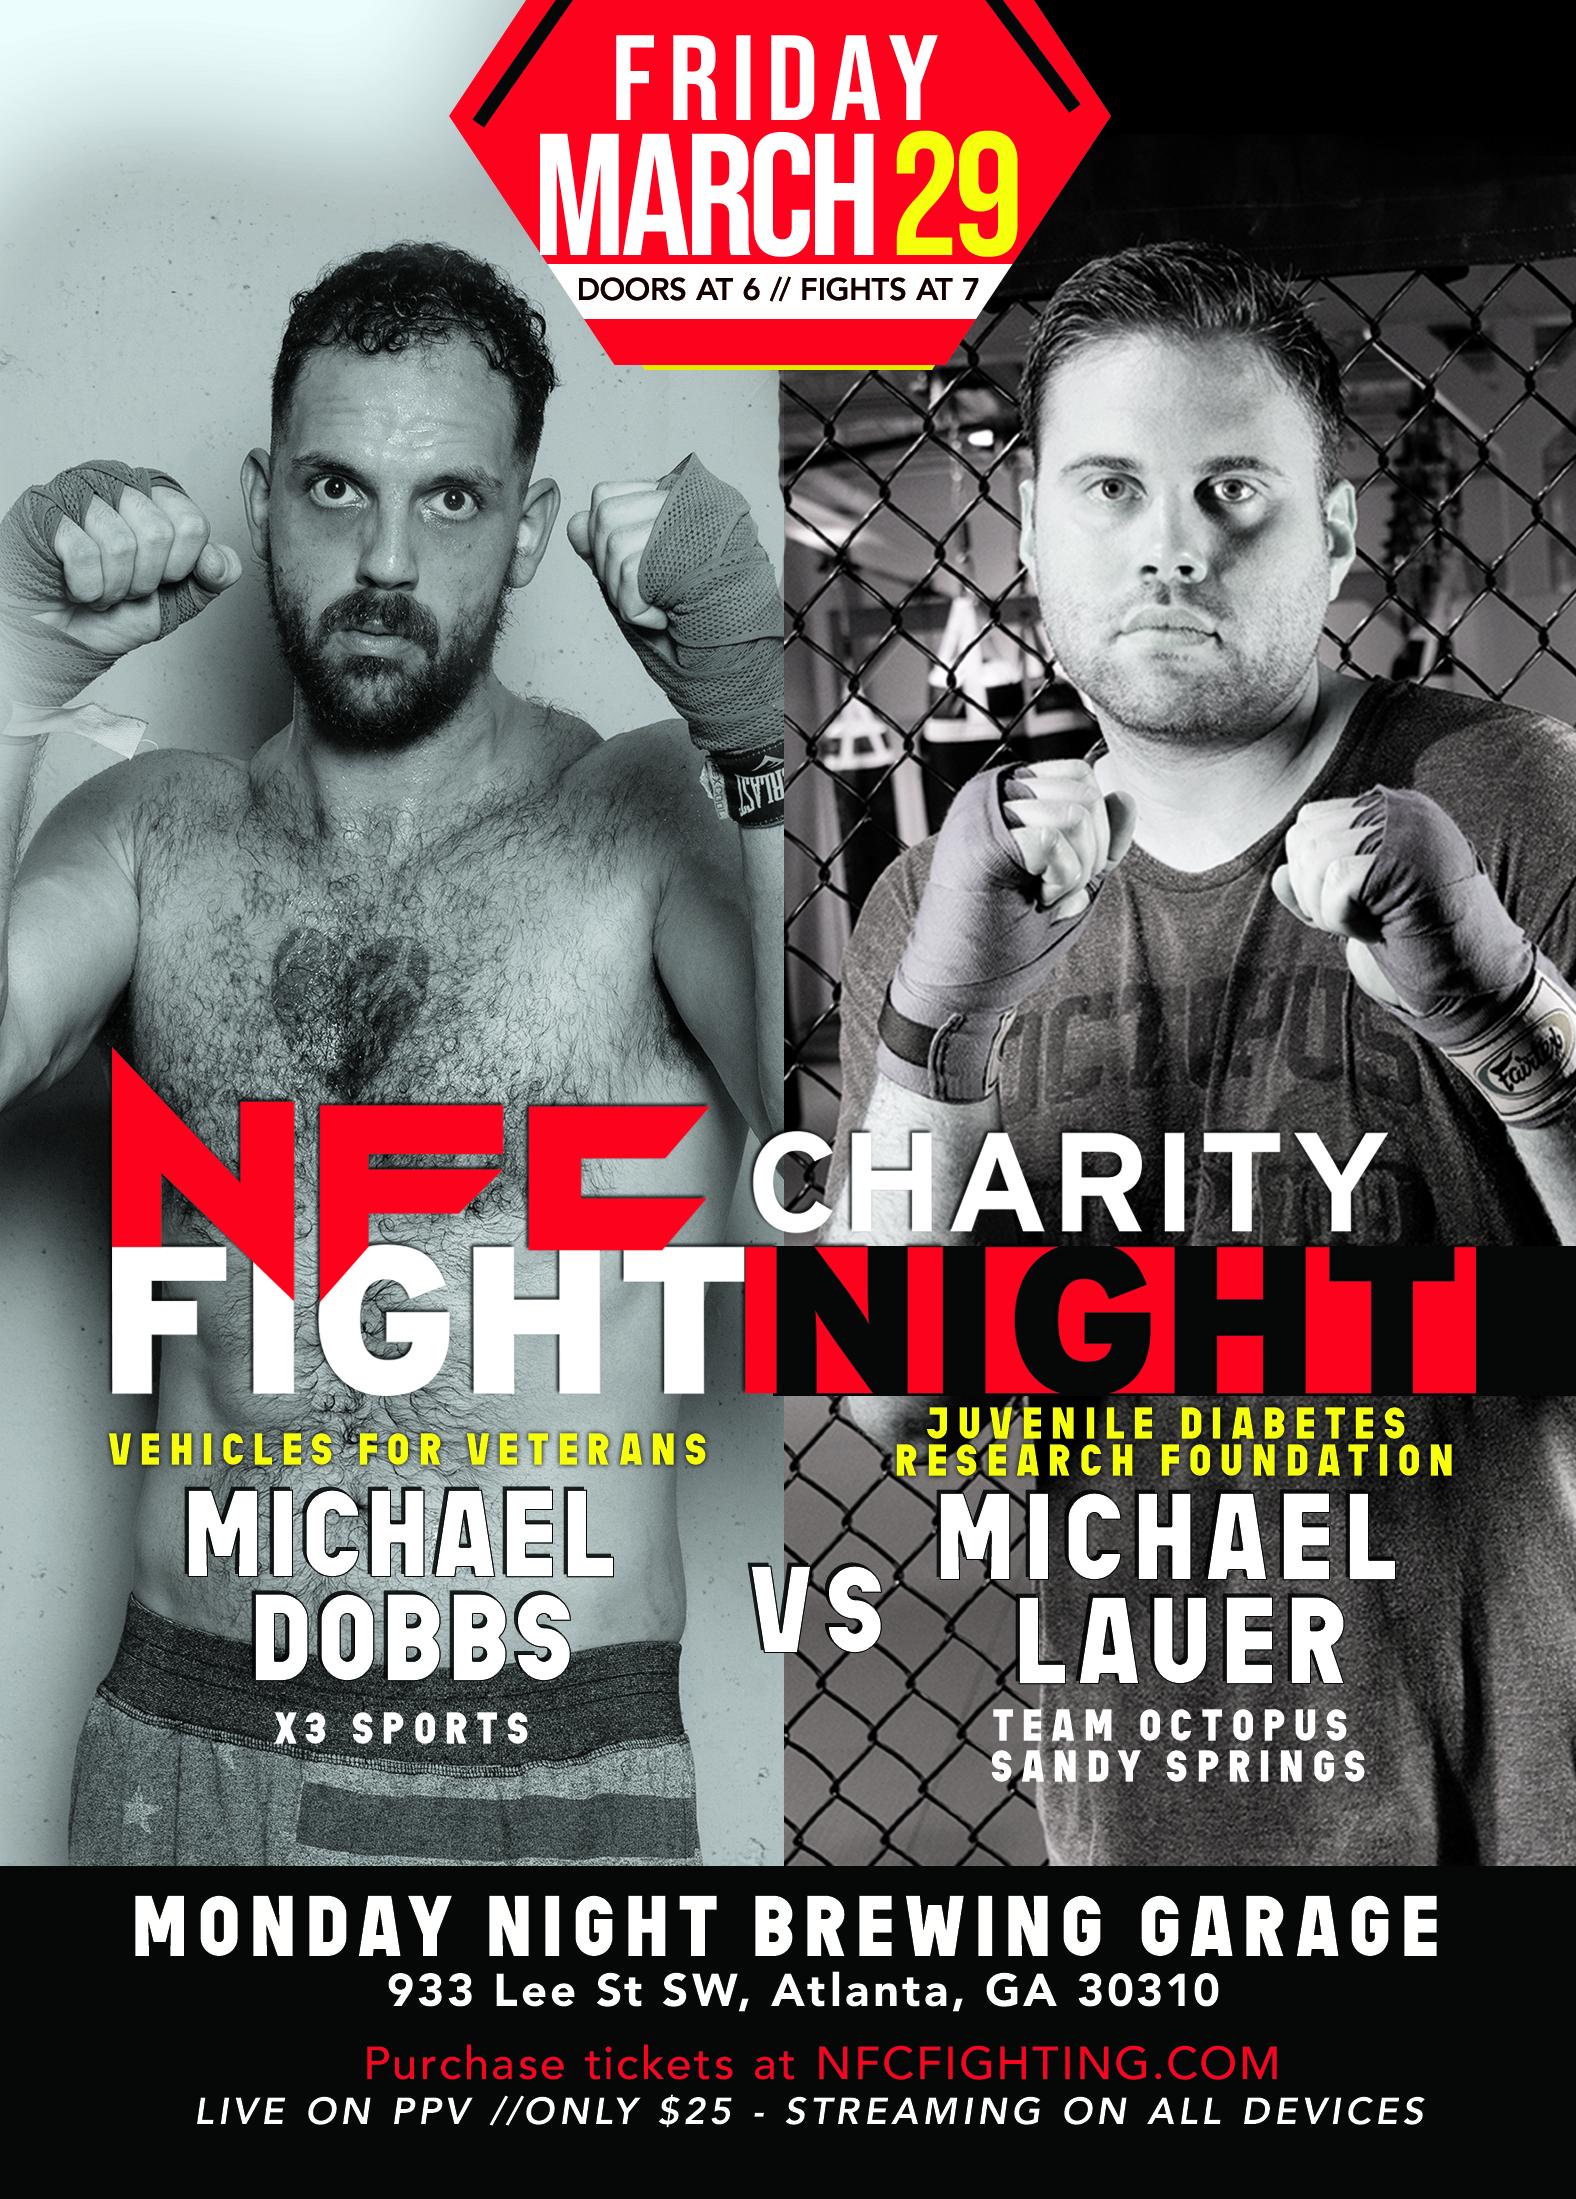 FightNightCharity_DobbsLauer.jpg